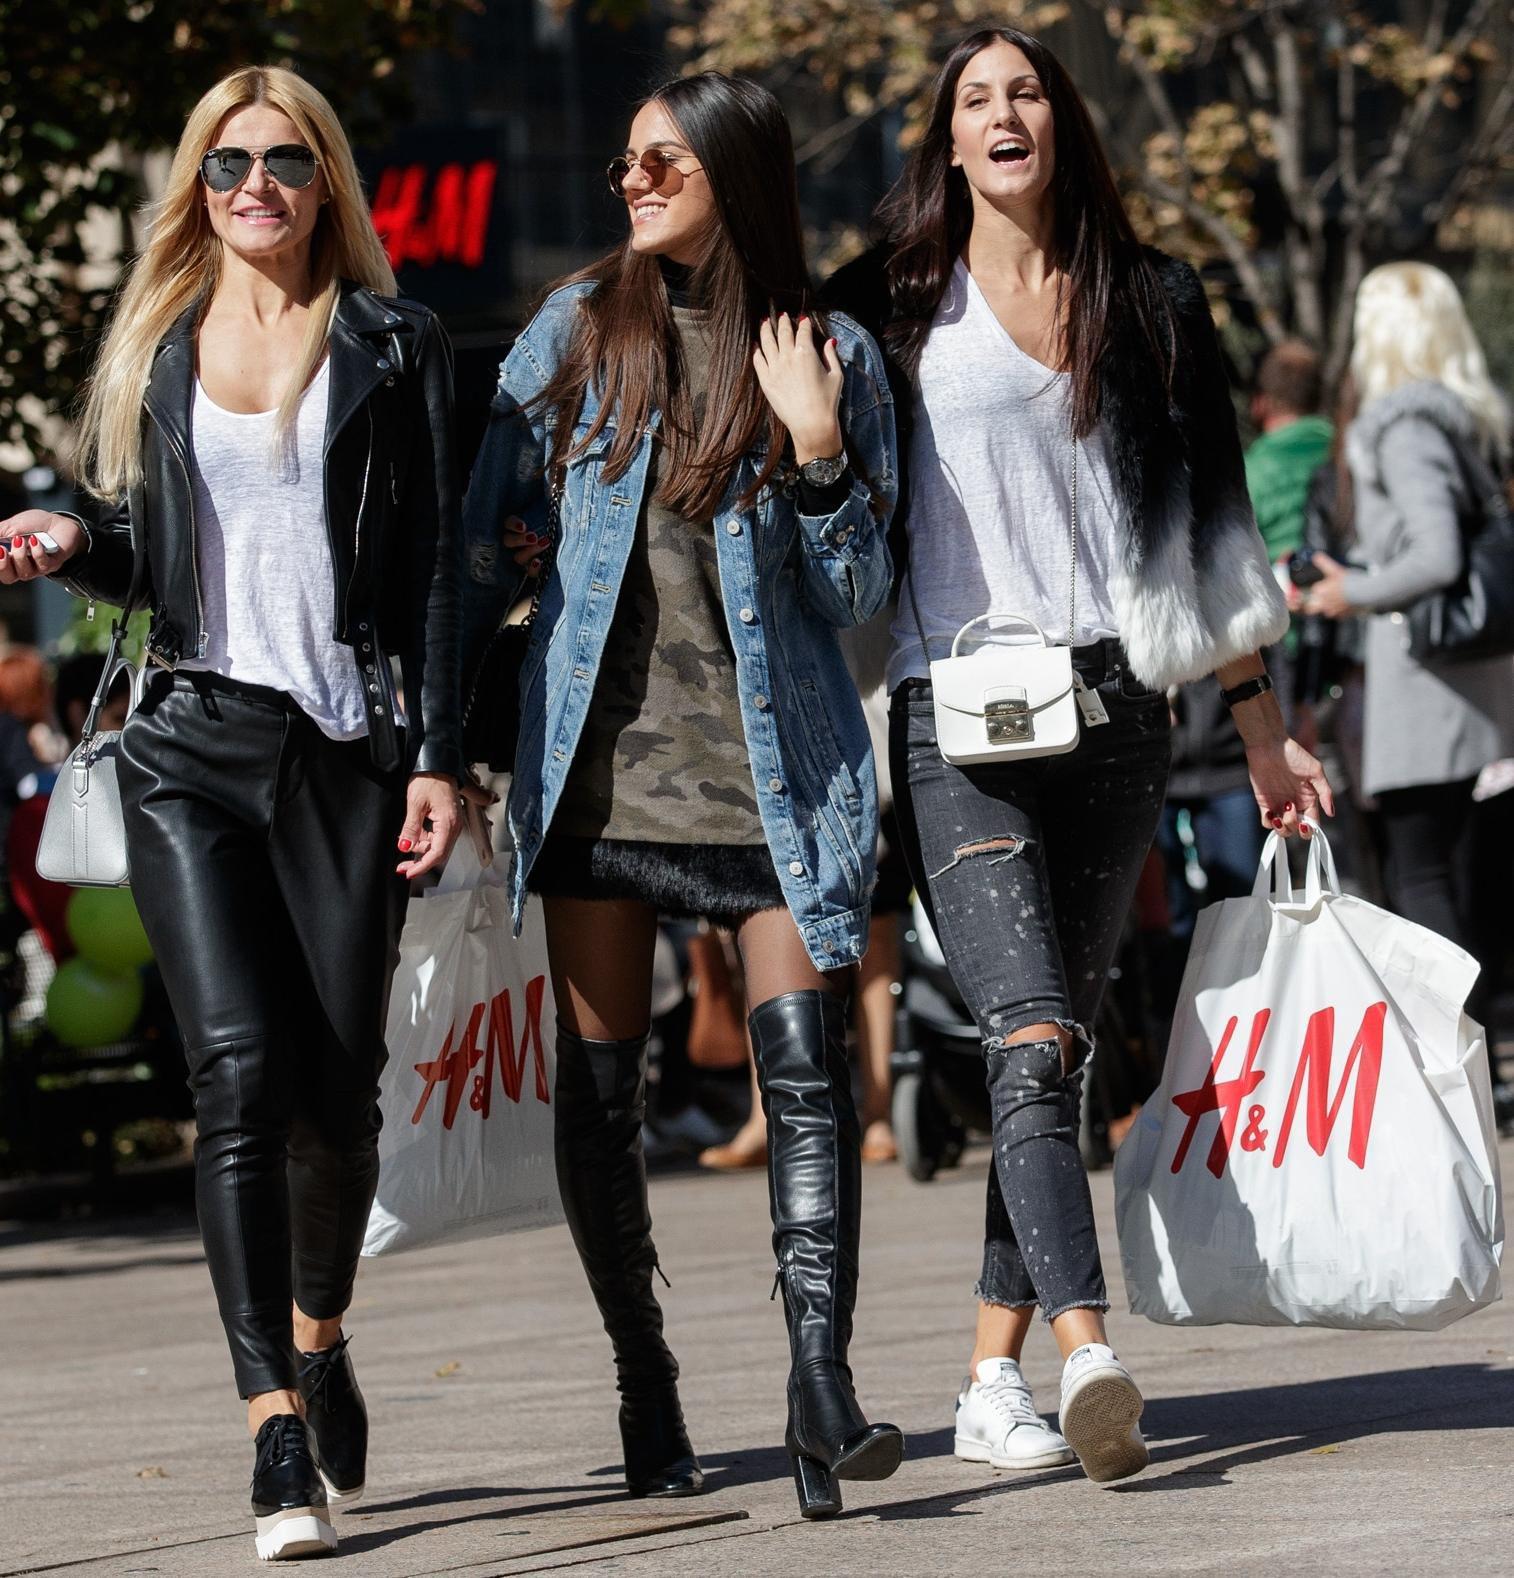 Ako želite znati što se nosi ove sezone, pogledajte ove tri zgodne prijateljice u centru Zagreba!